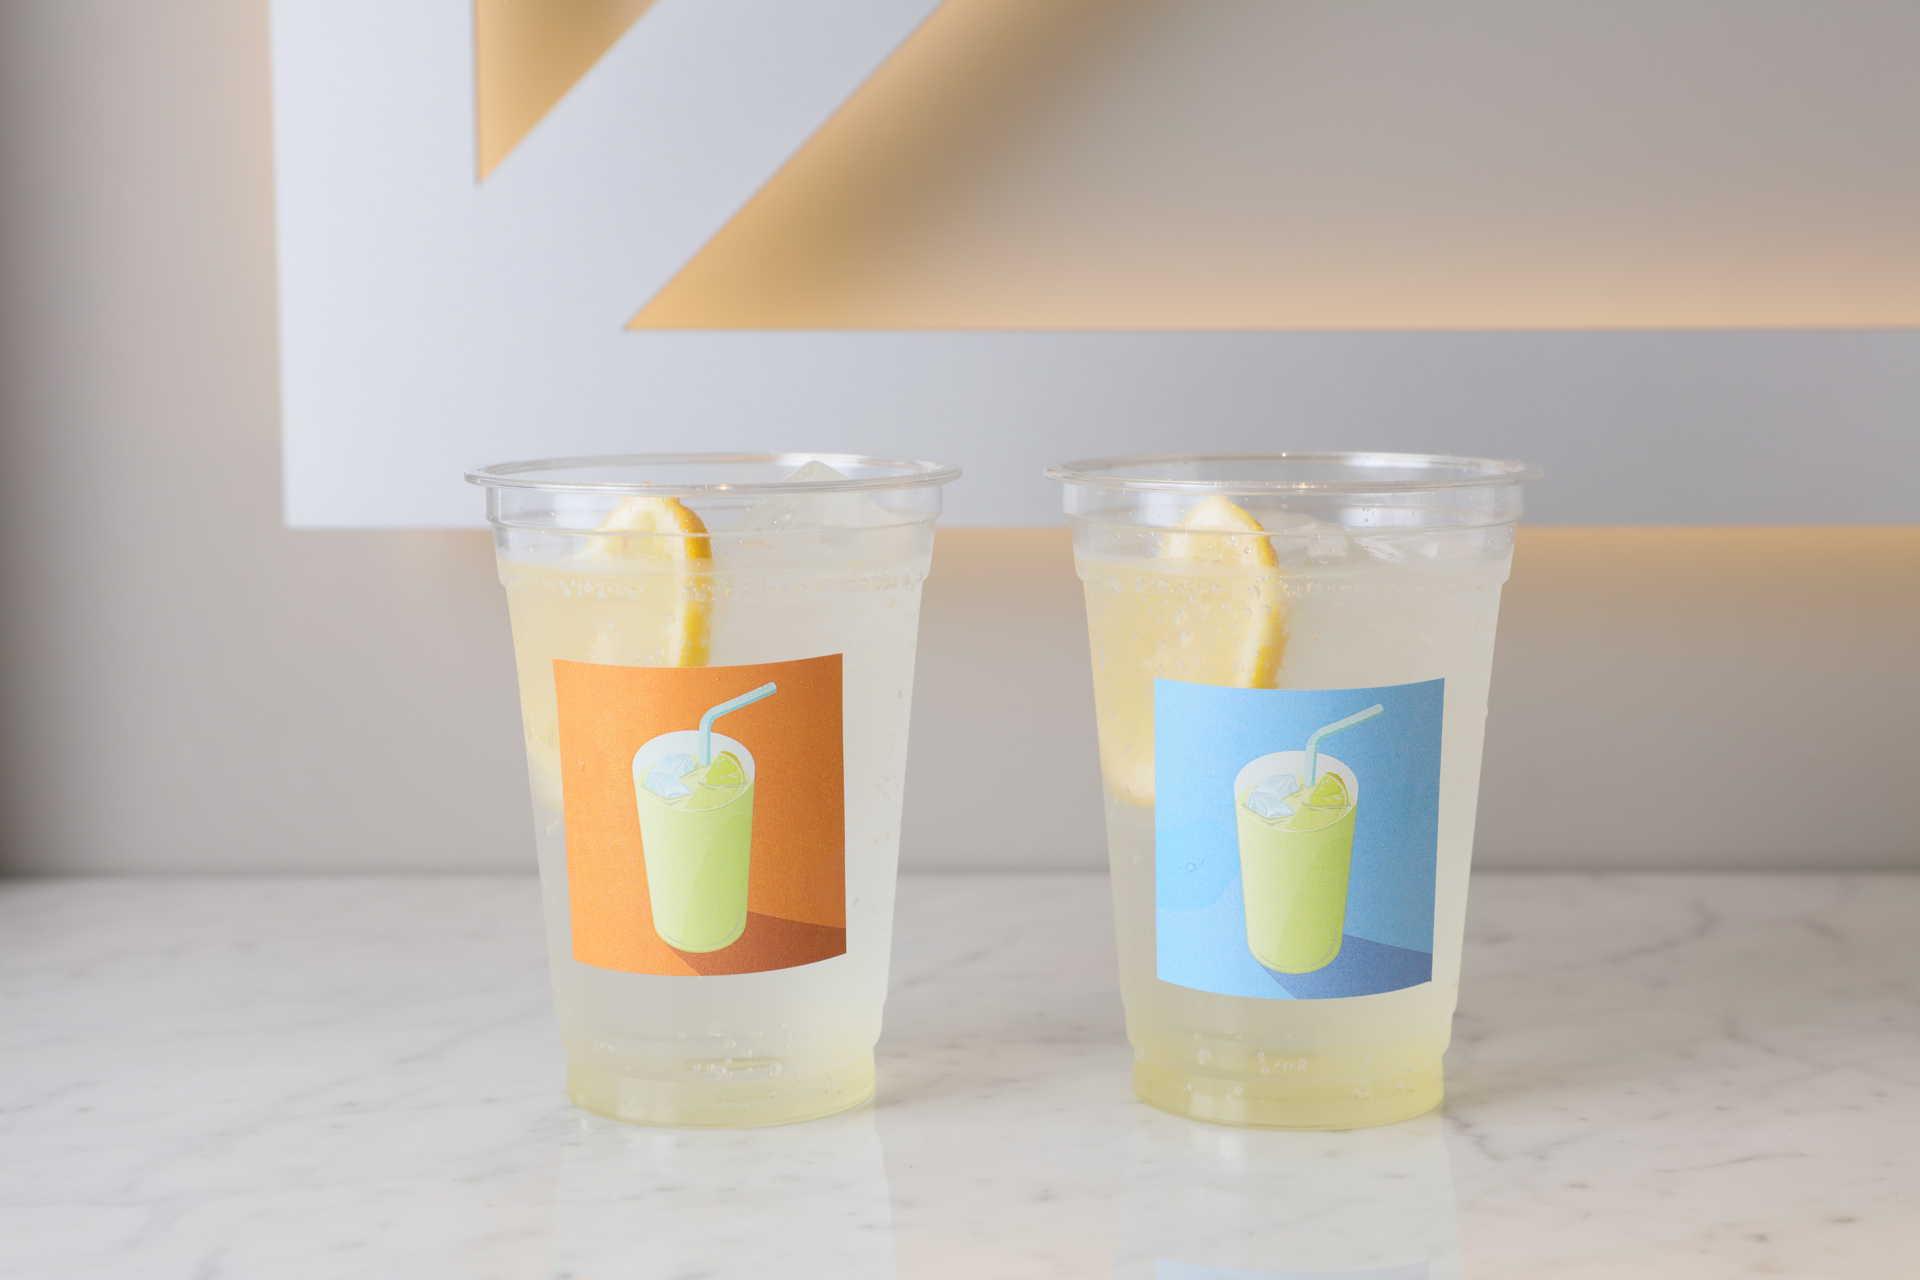 レモンサワーとレモンスカッシュ